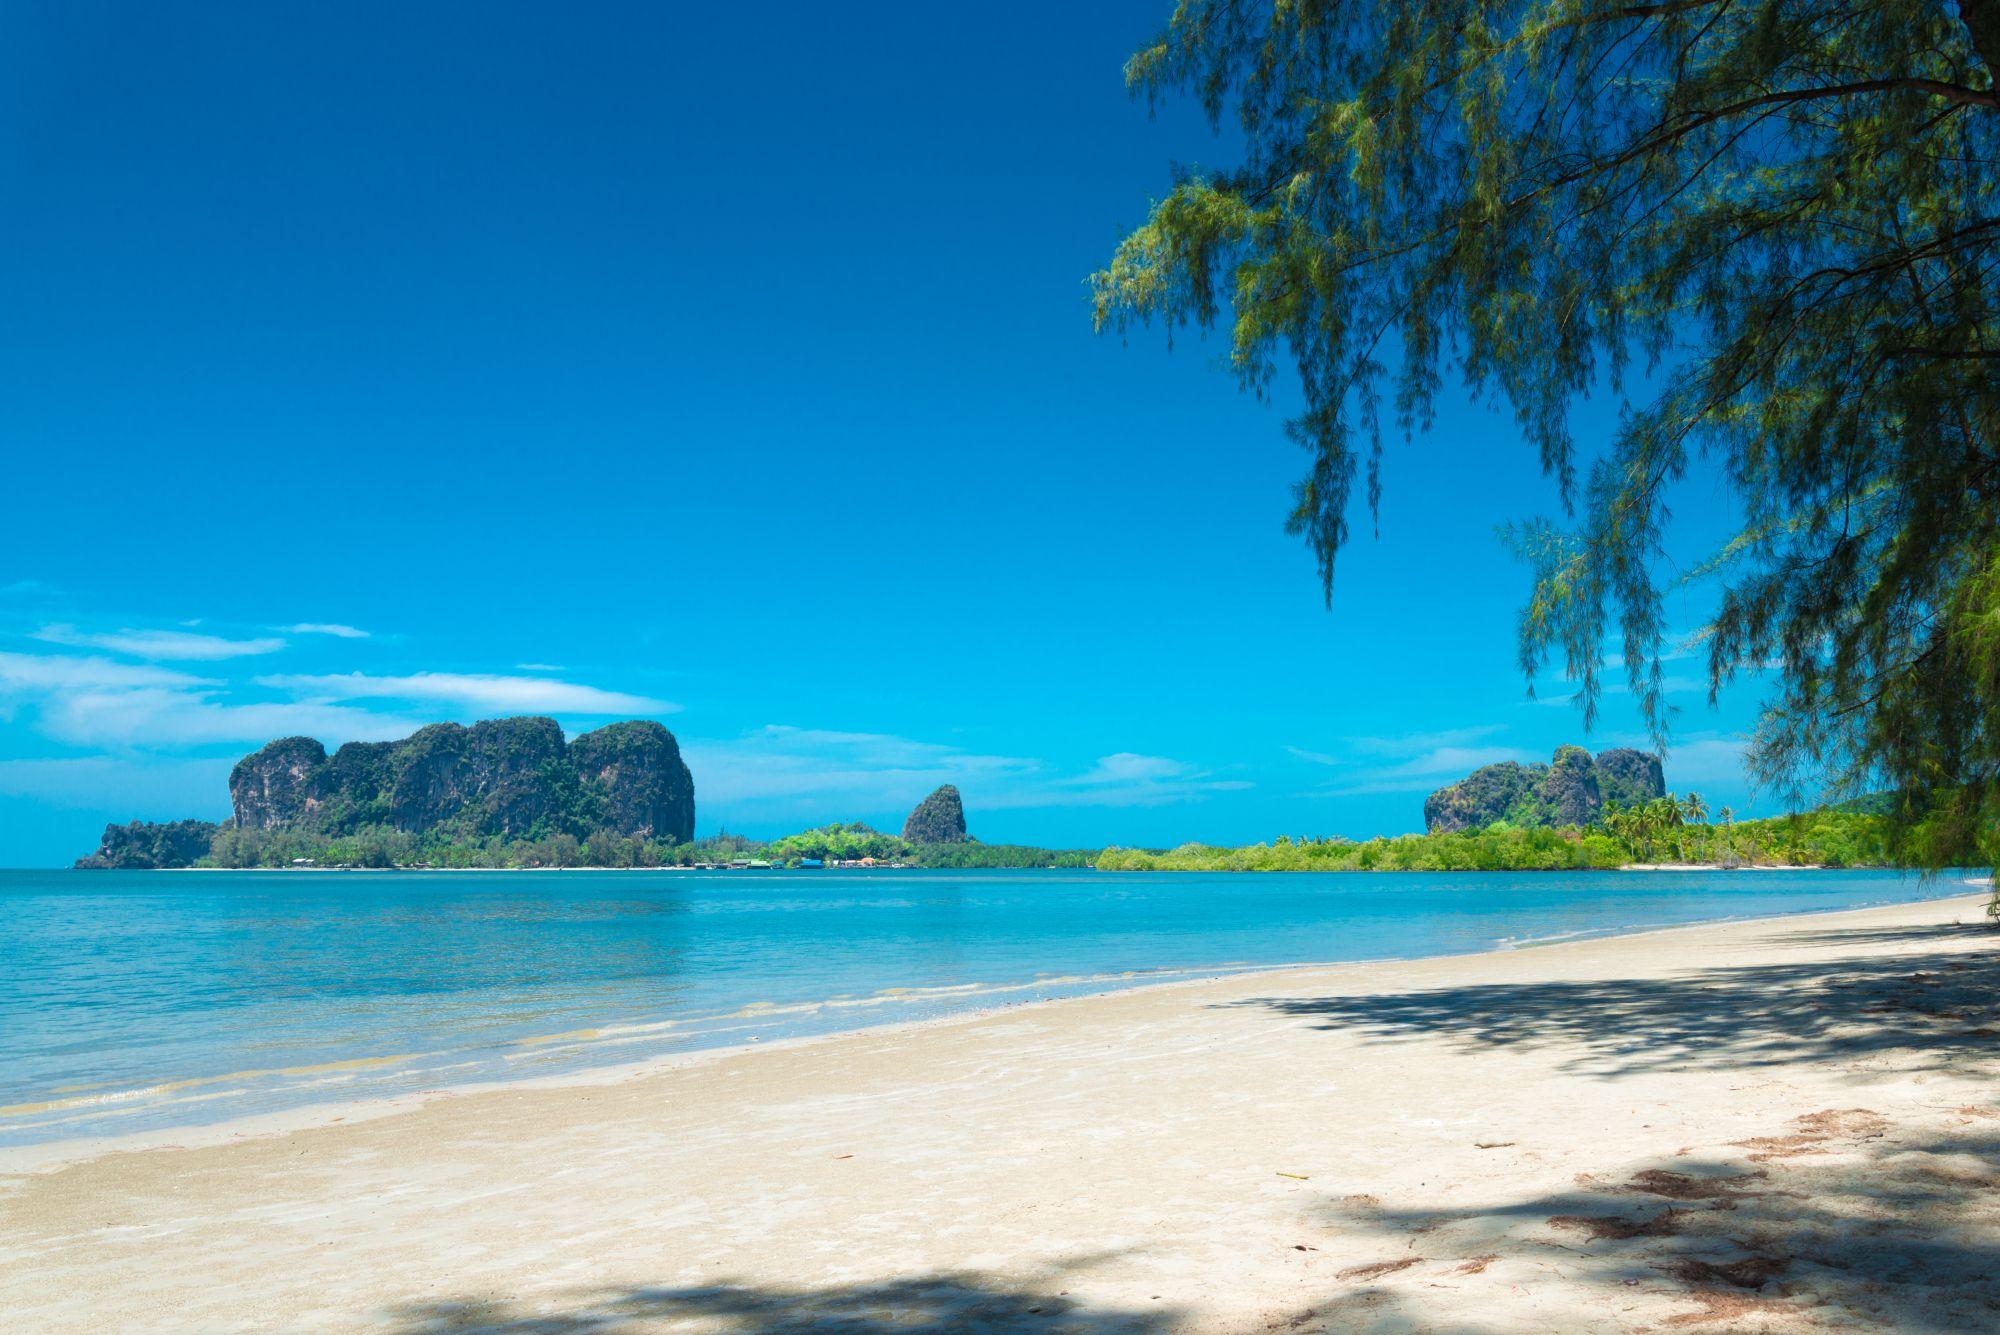 Blog artikel 'De ongerepte Trang eilanden'